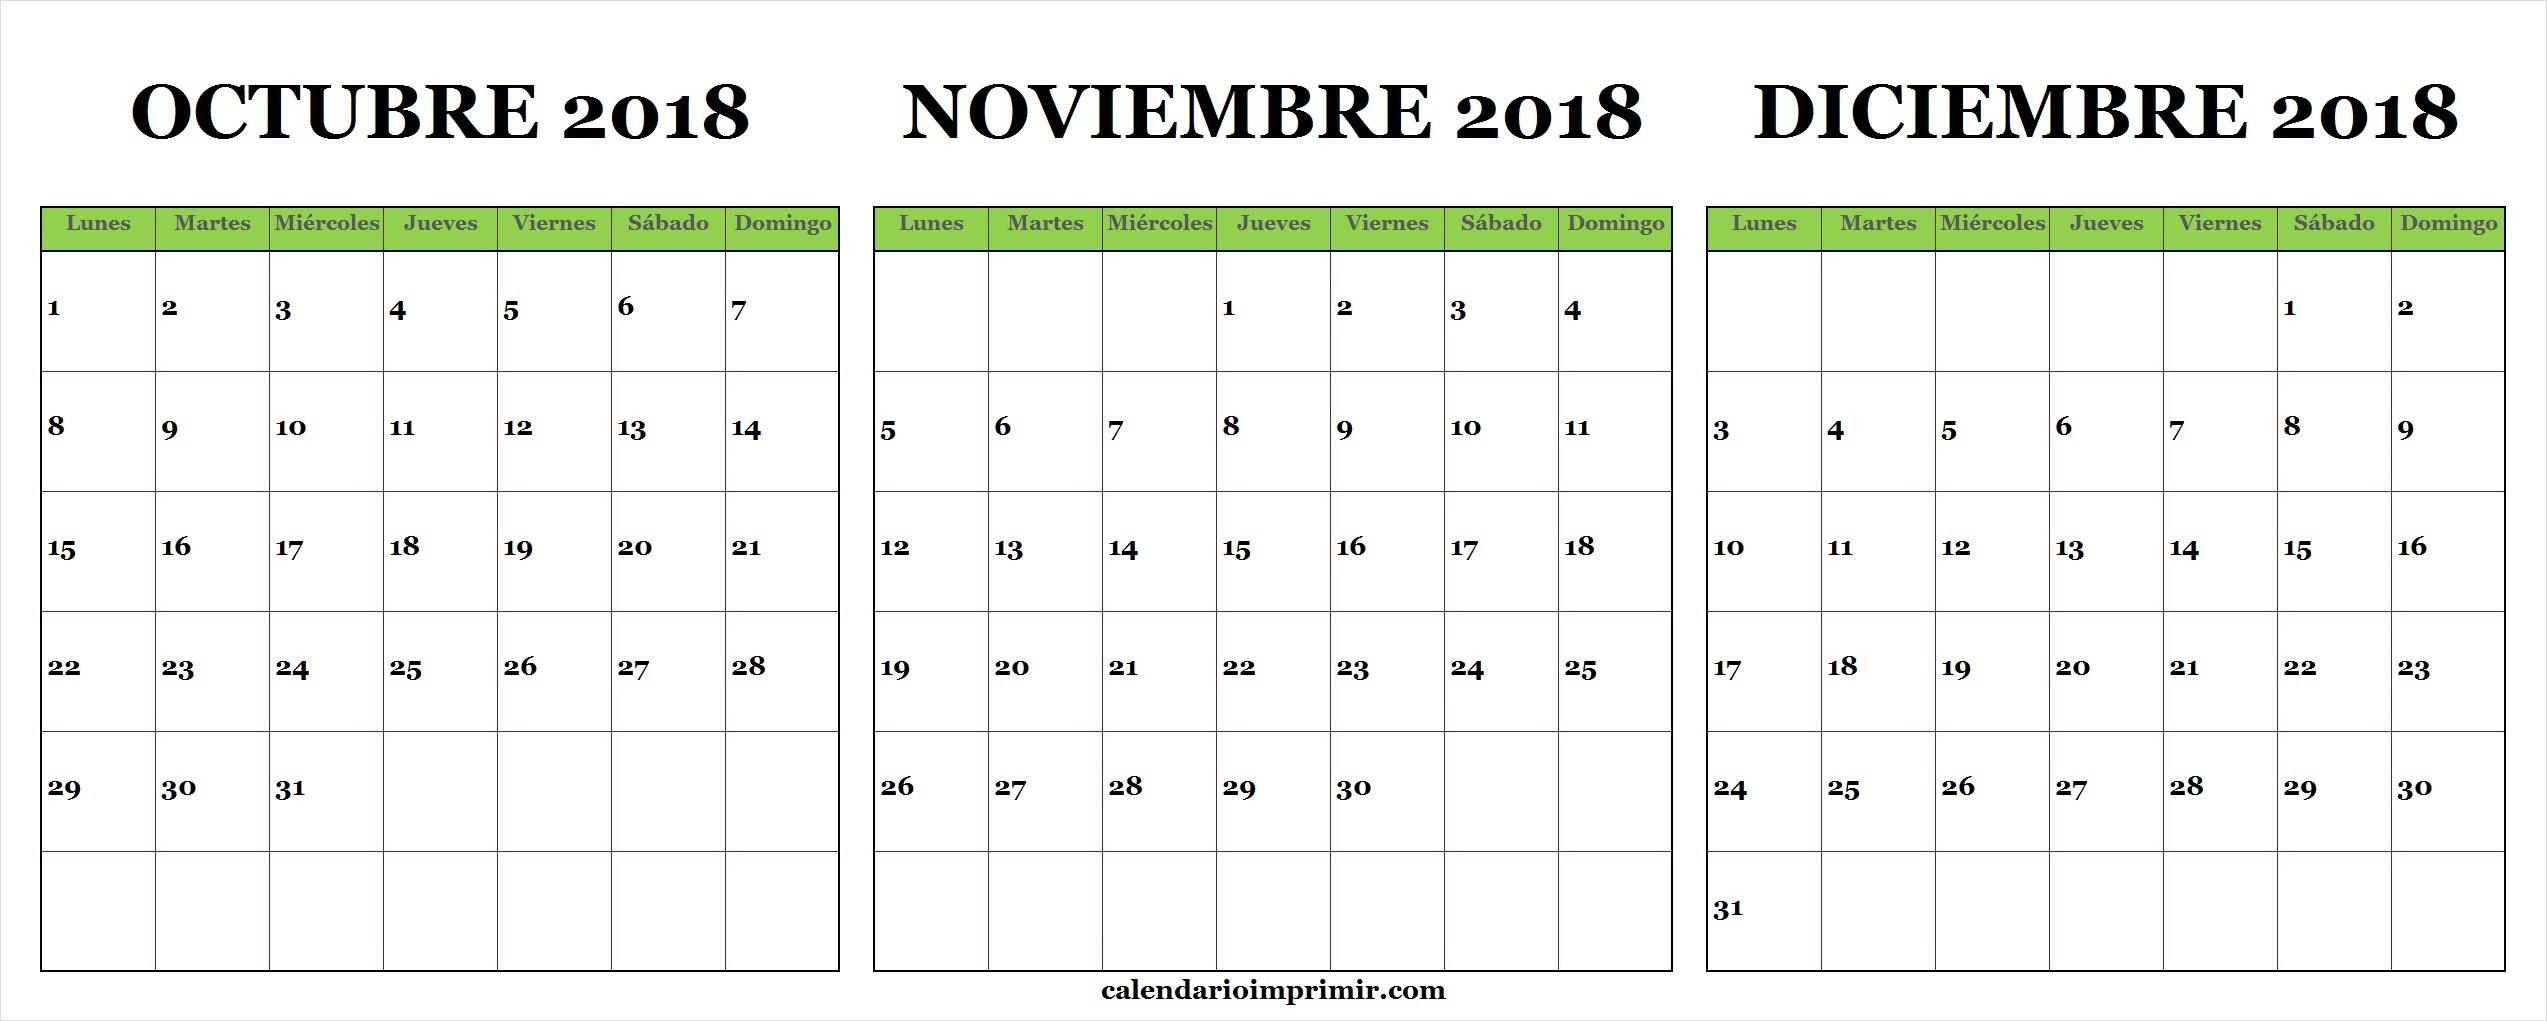 Calendario 2019 Chile Imprimir Mejores Y Más Novedosos Best Calendario De Octubre Y Noviembre 2018 Image Collection Of Calendario 2019 Chile Imprimir Más Recientes Printable December 2018 Calendar Colorful